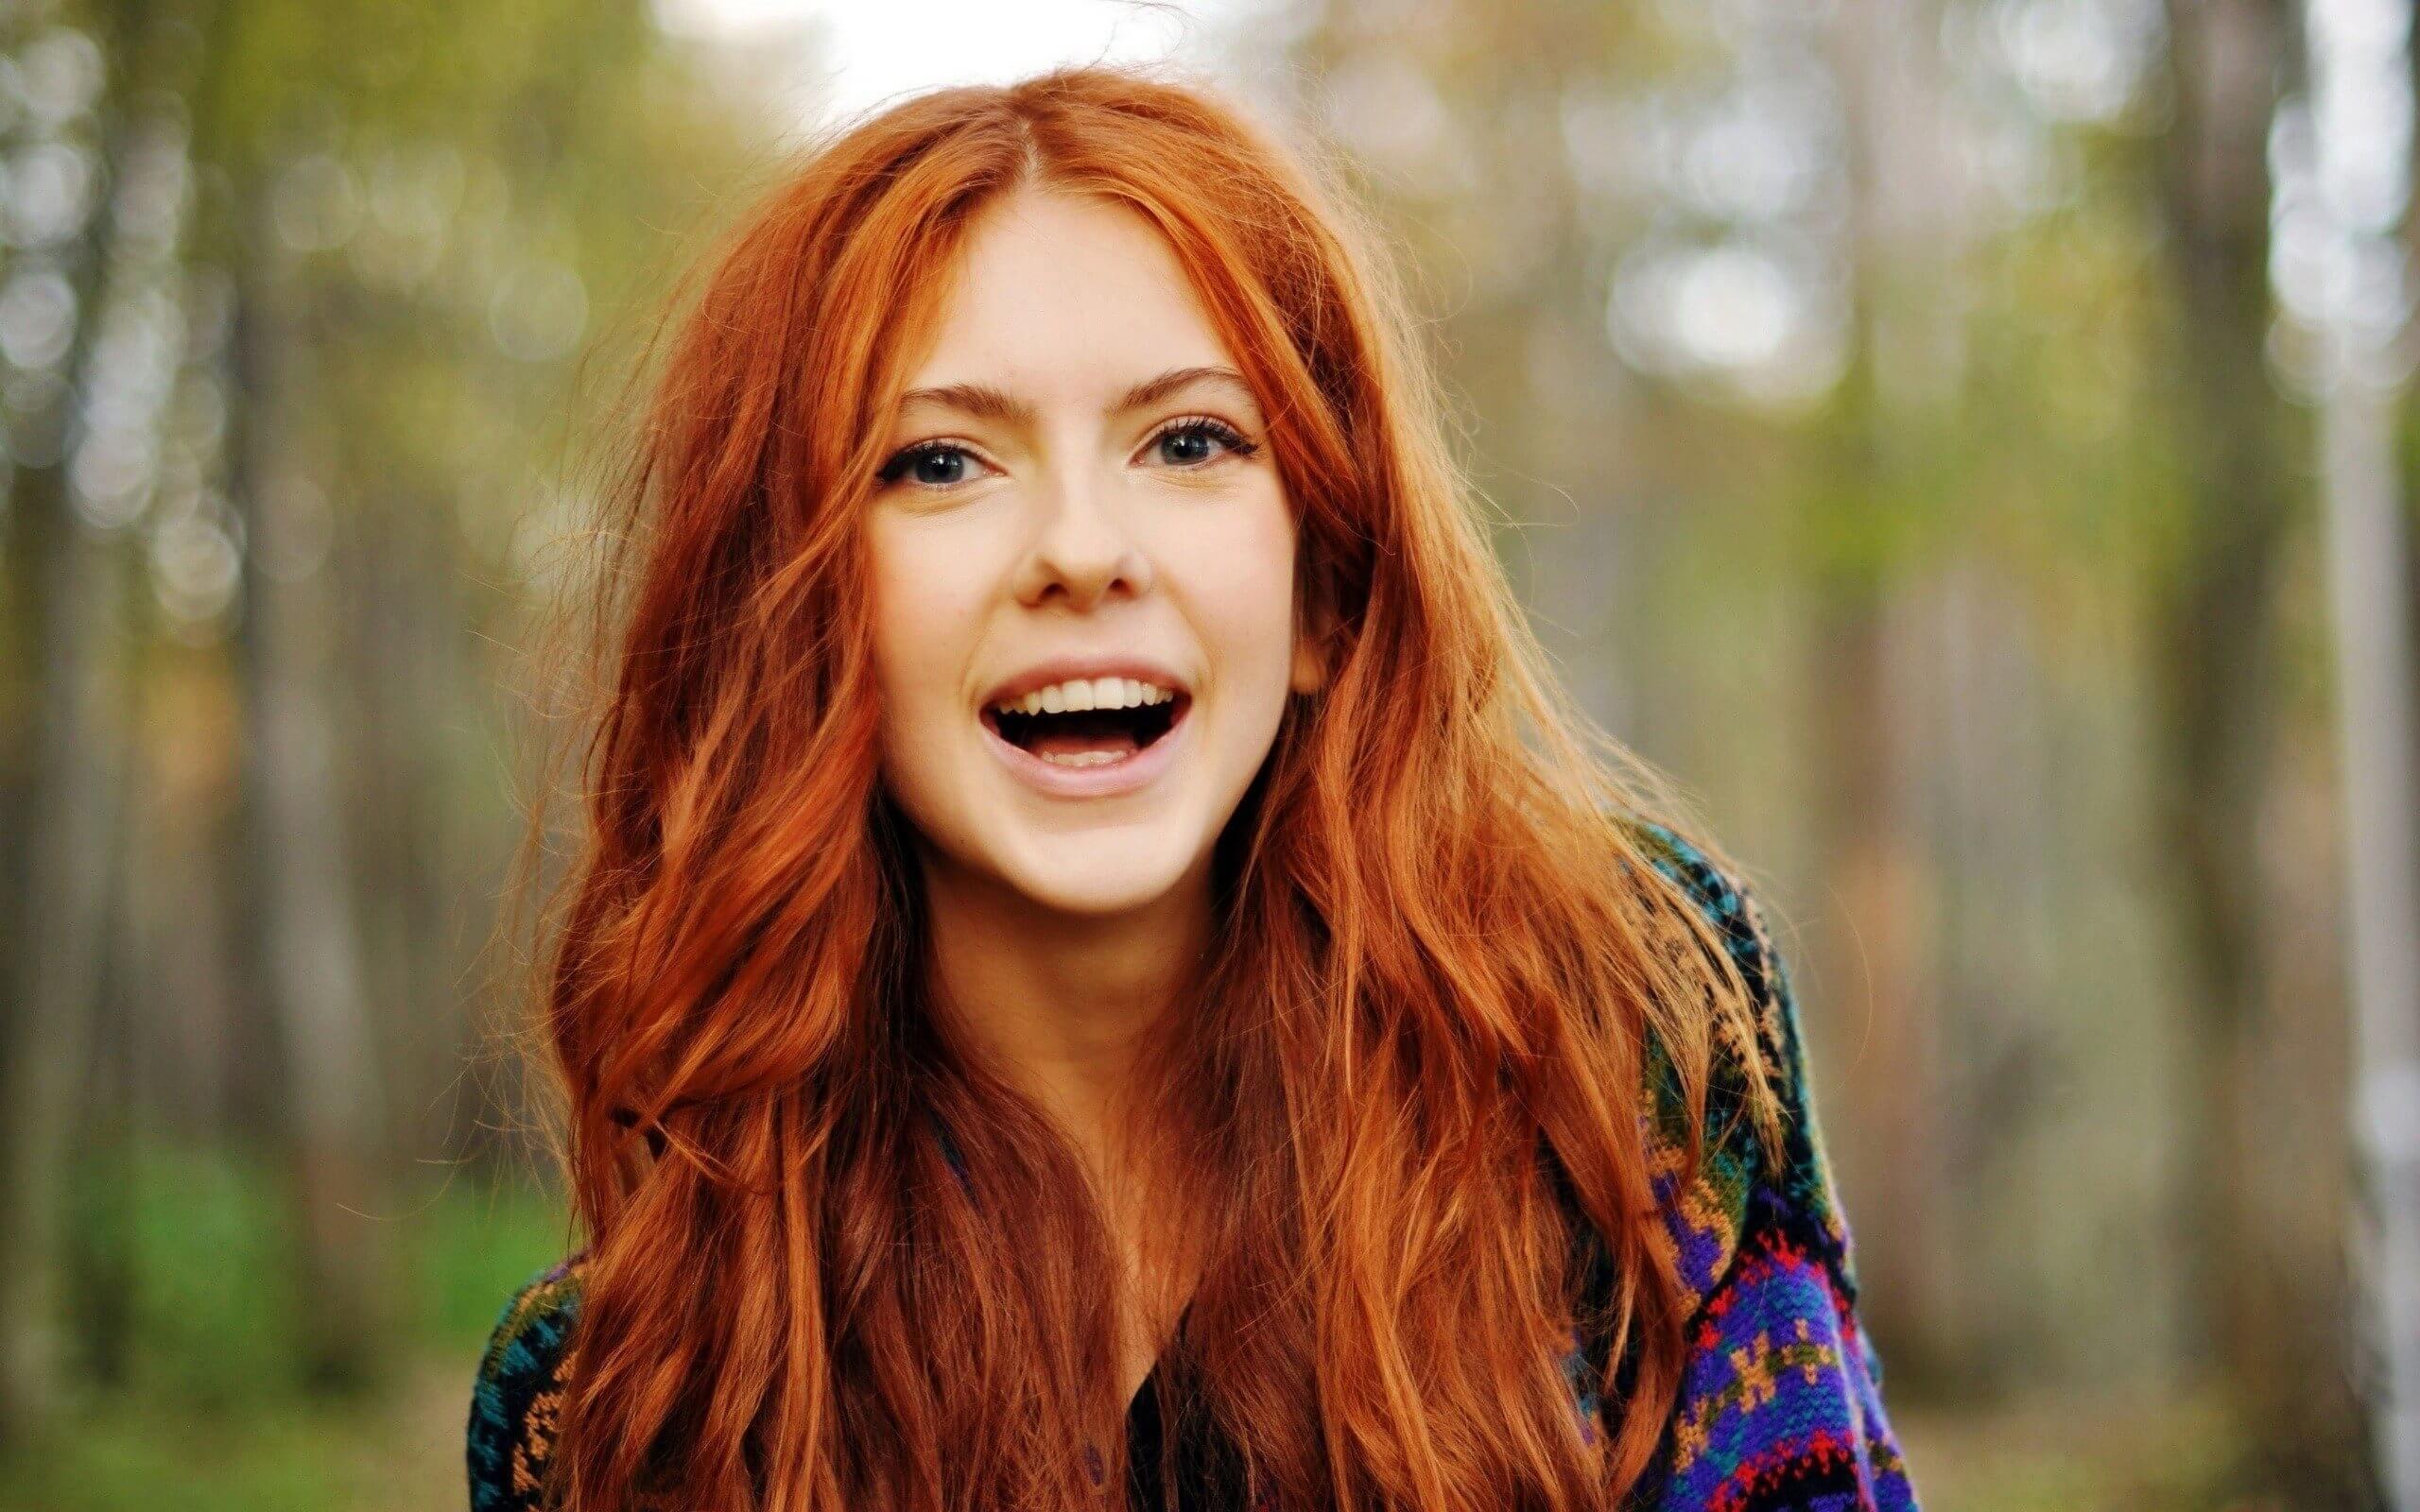 La couleur des cheveux roux